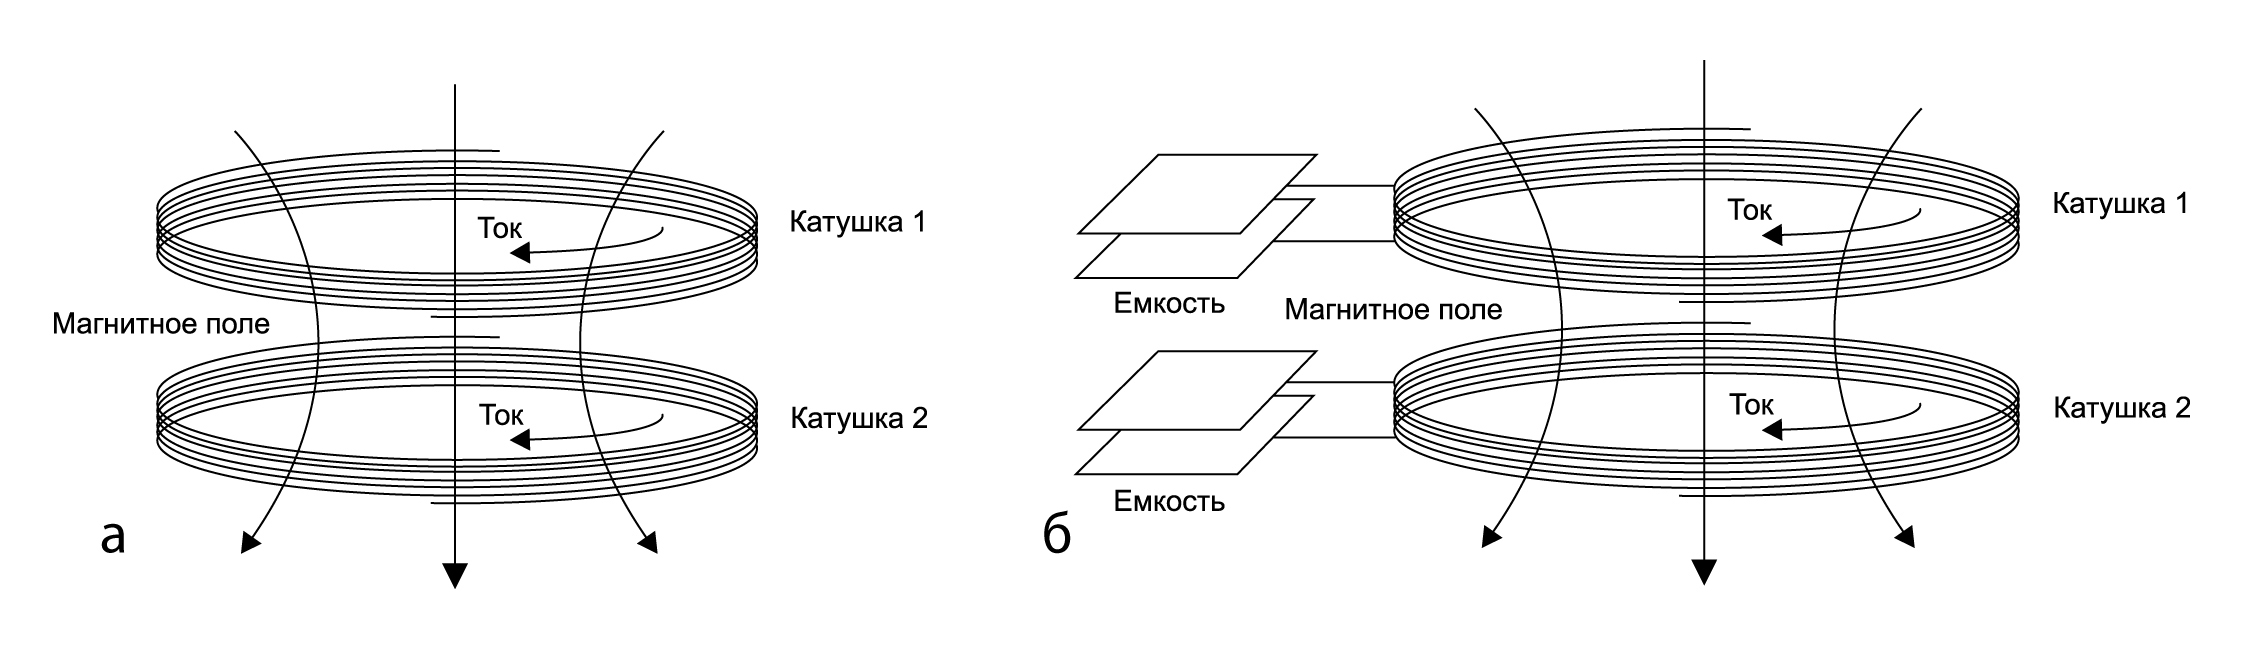 Модели беспроводных зарядных систем на основе индуктивной и магнитно-резонансной связи